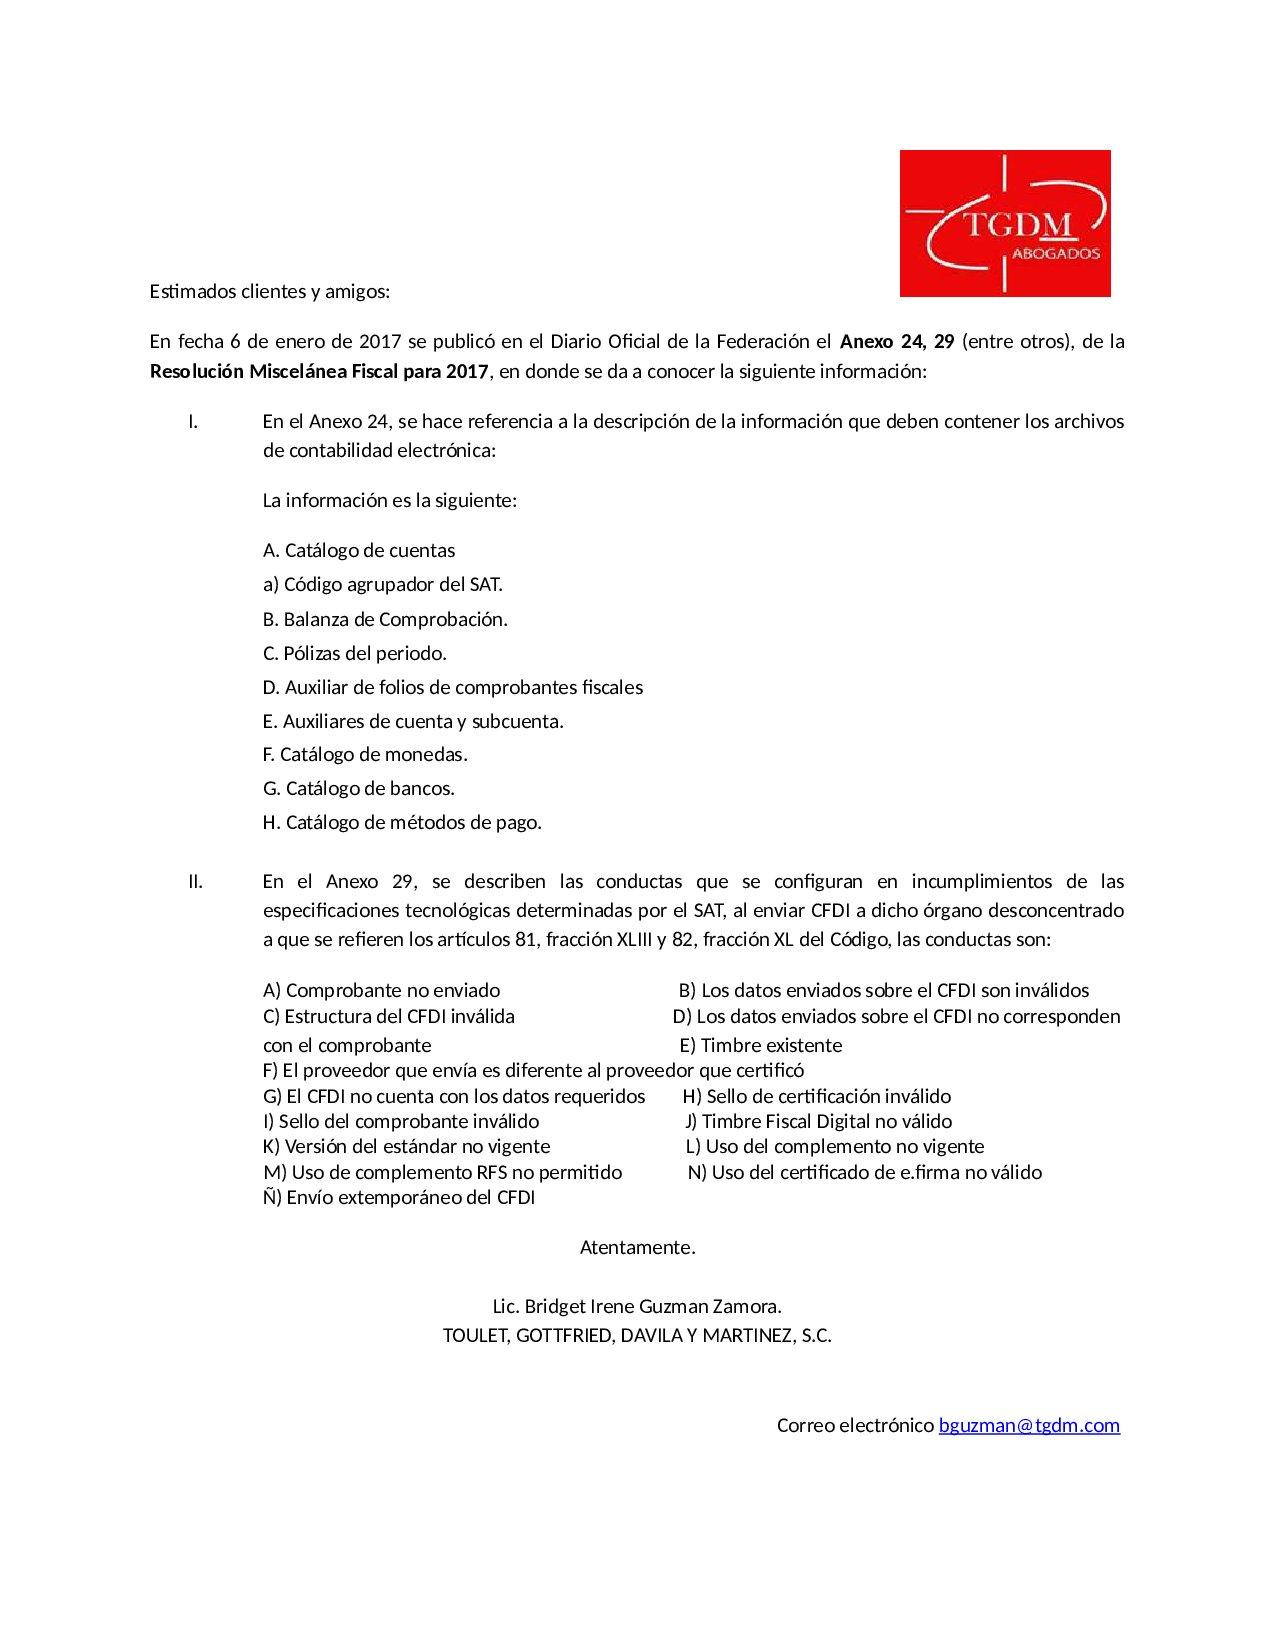 boletin_6_de_enero_2017